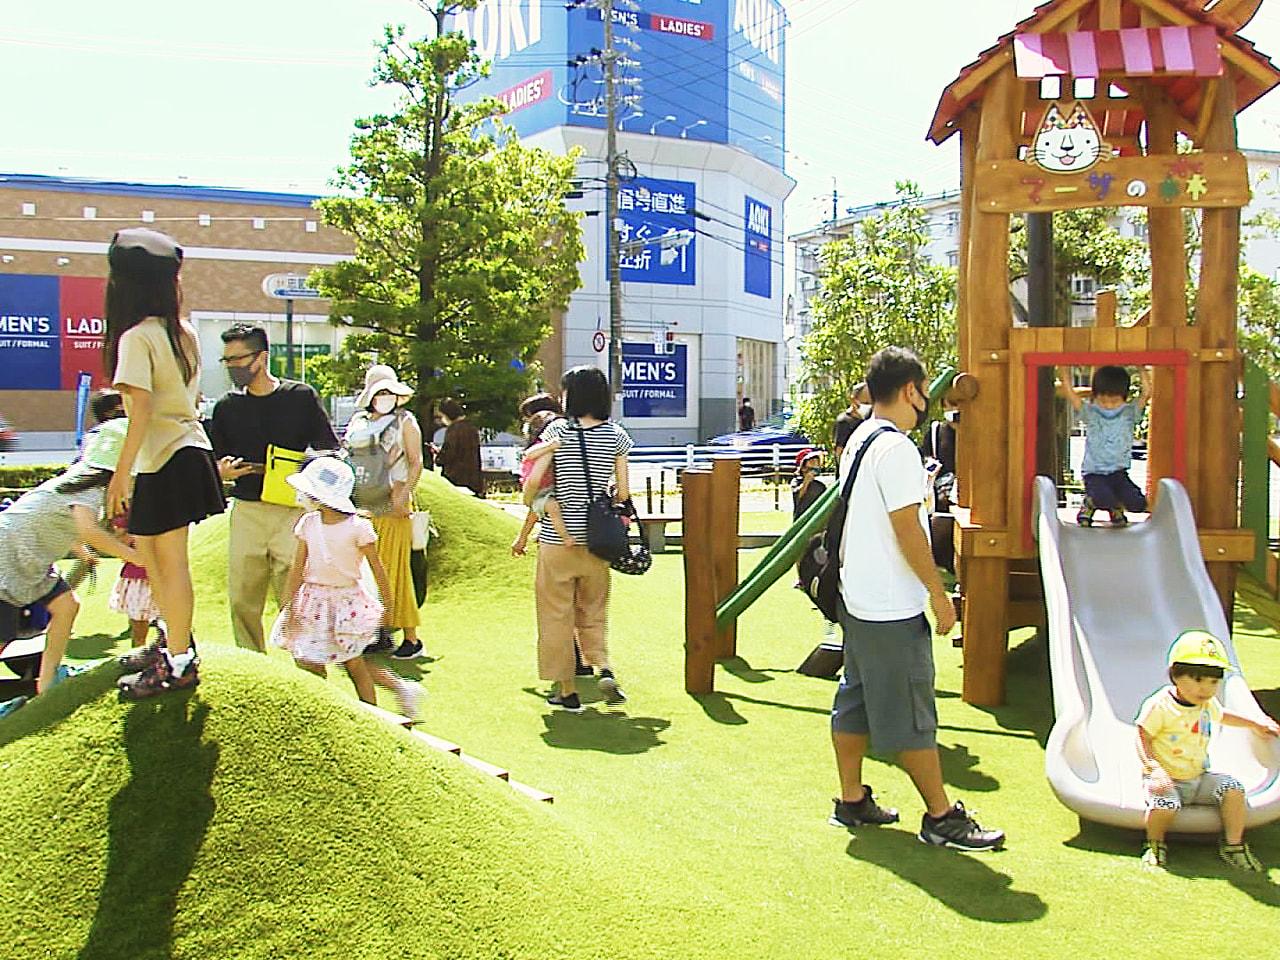 岐阜市にある大型商業施設「マーサ21」で屋外緑化広場「チェリーガーデン」が復活し...